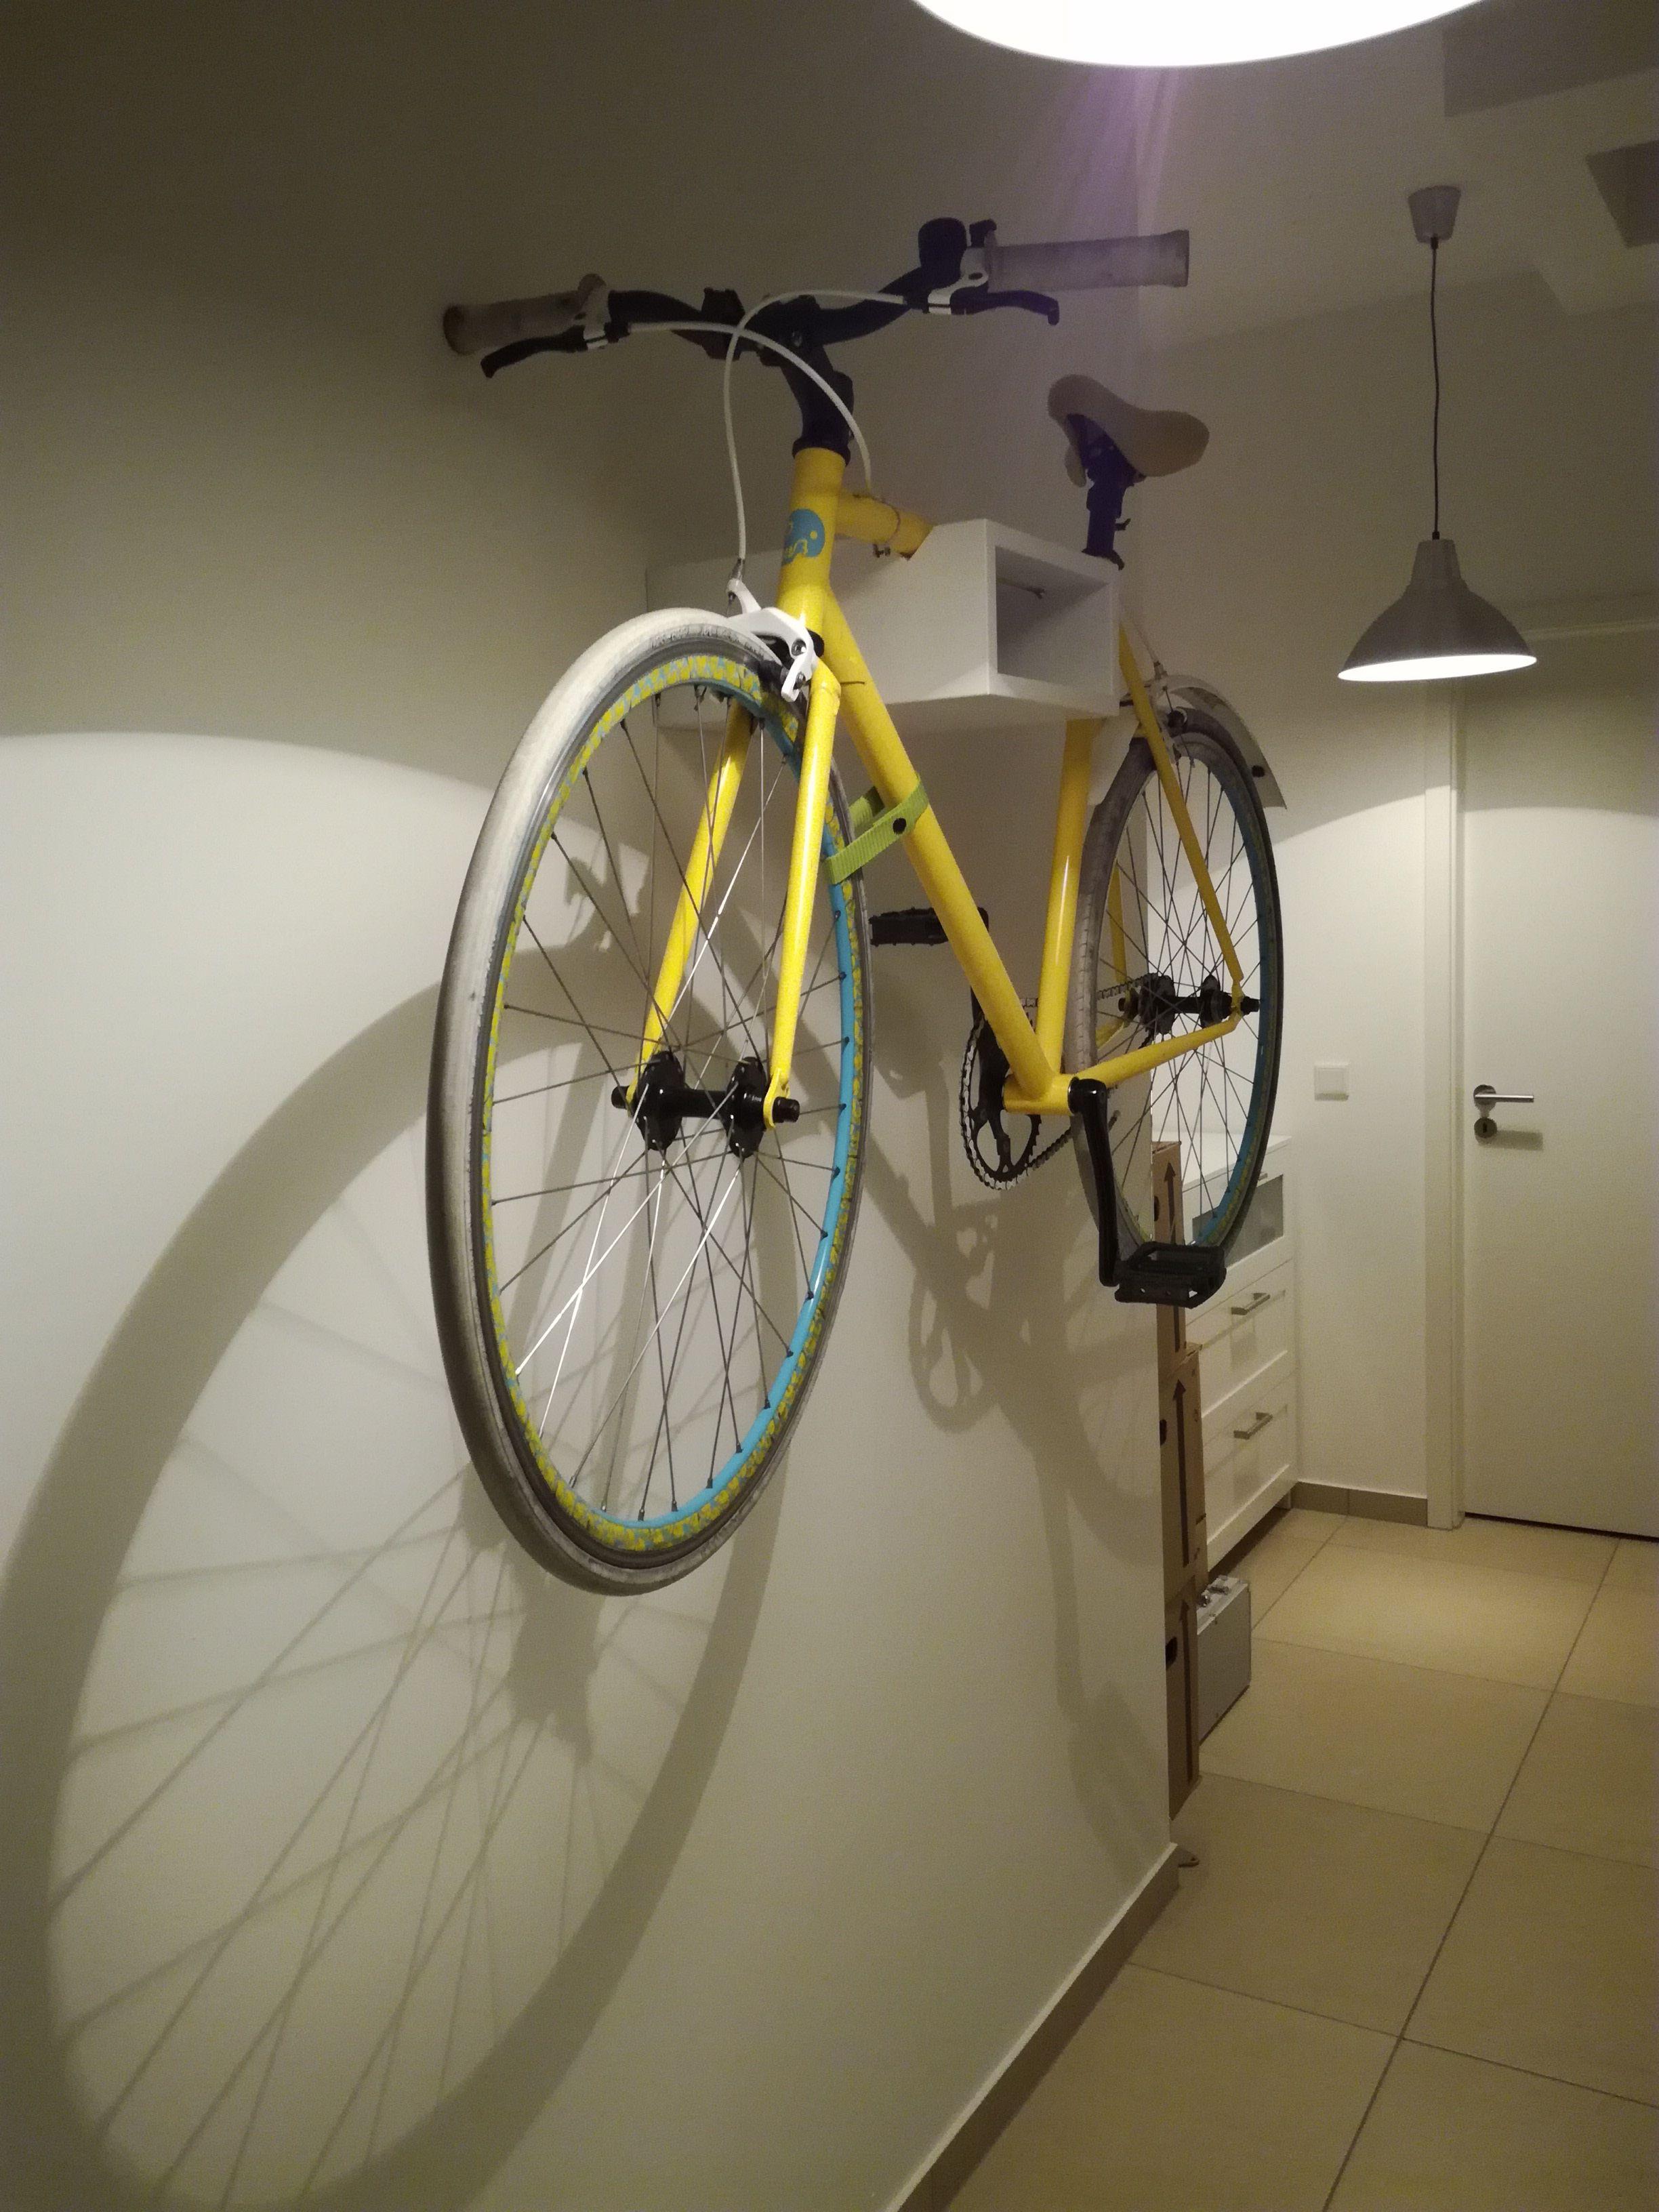 Fahrrad wandhalterung oskar fahrrad wandhalter rennrad - Wandhalterung rennrad ...